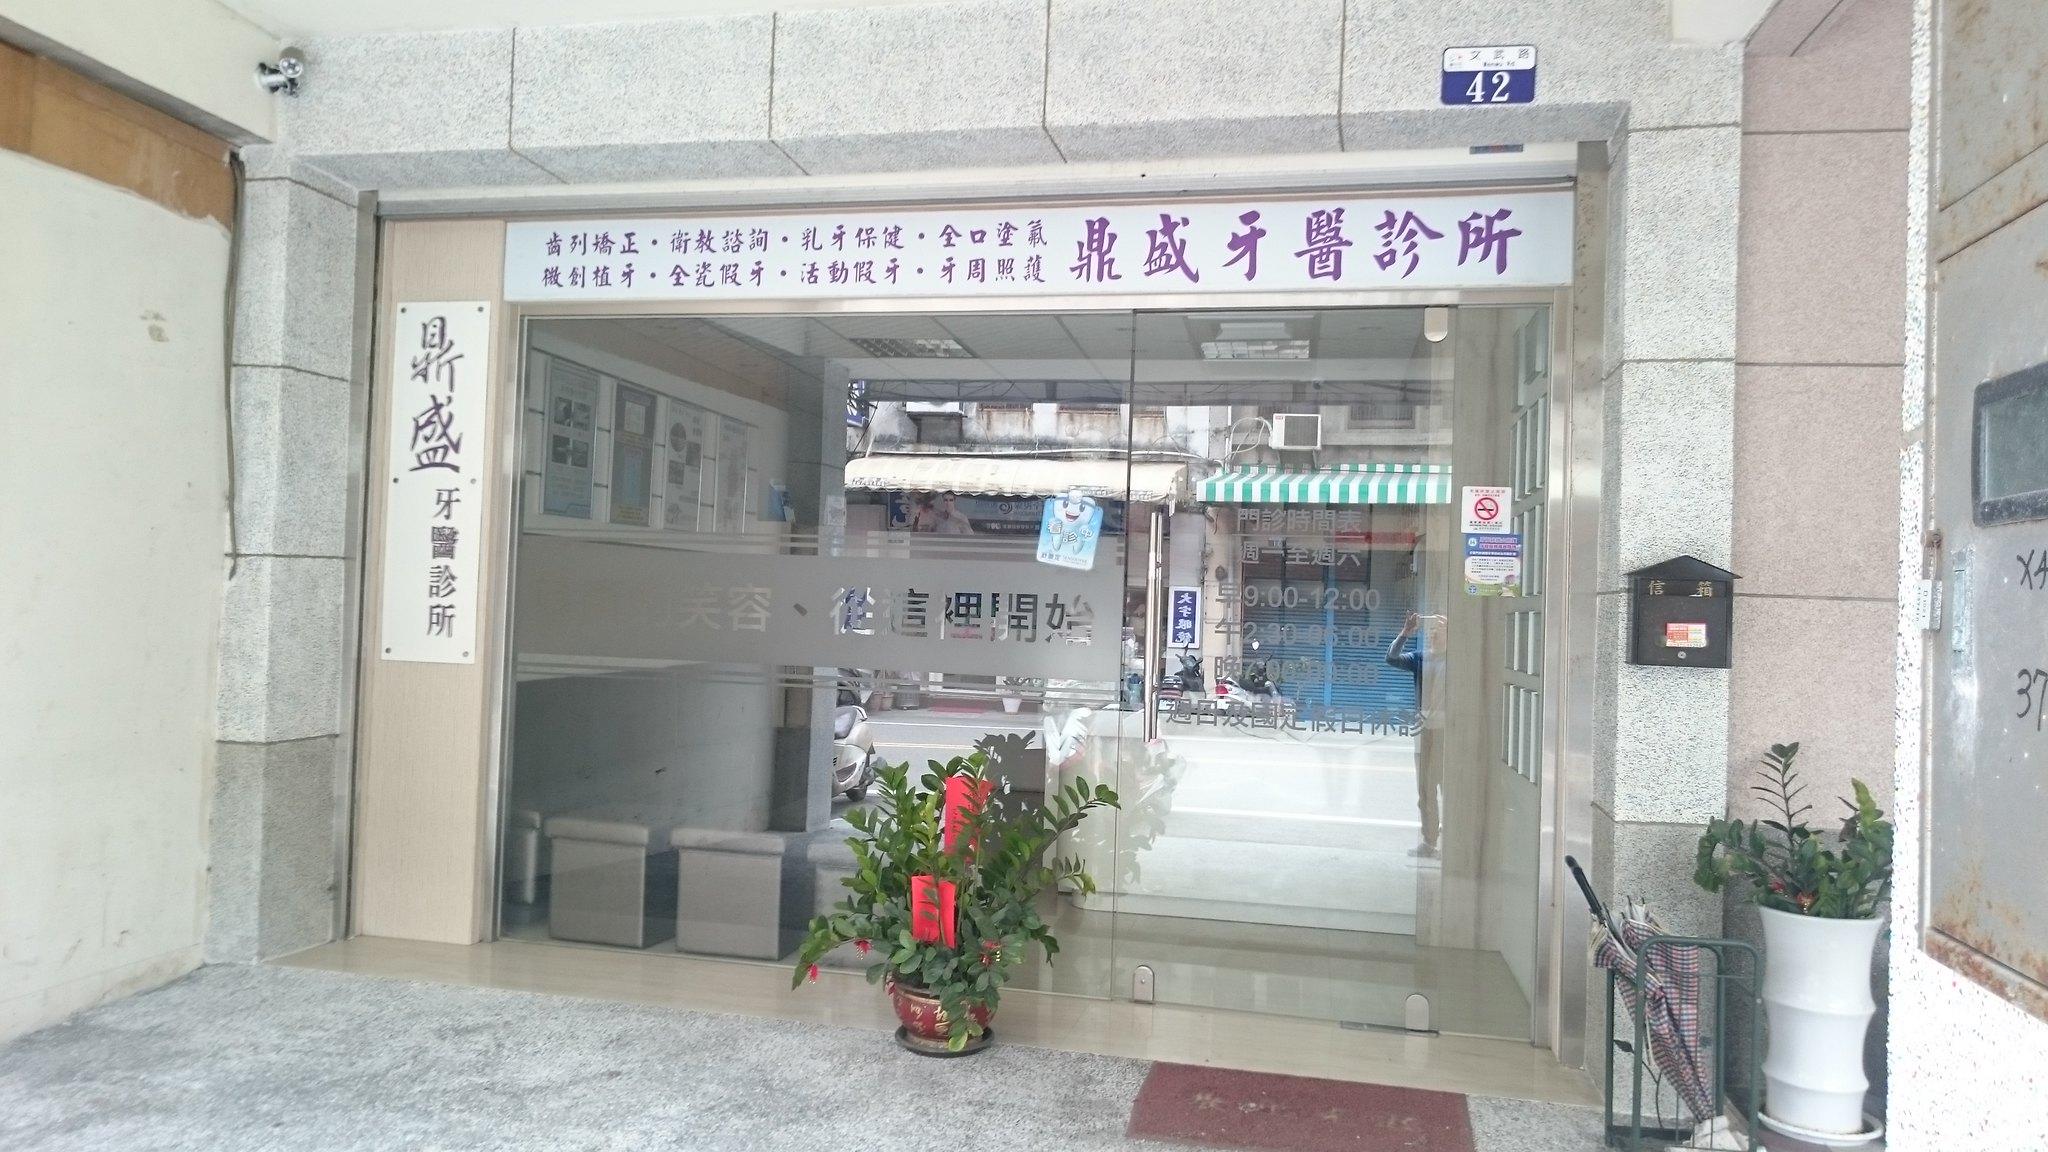 鼎盛牙醫診所_1